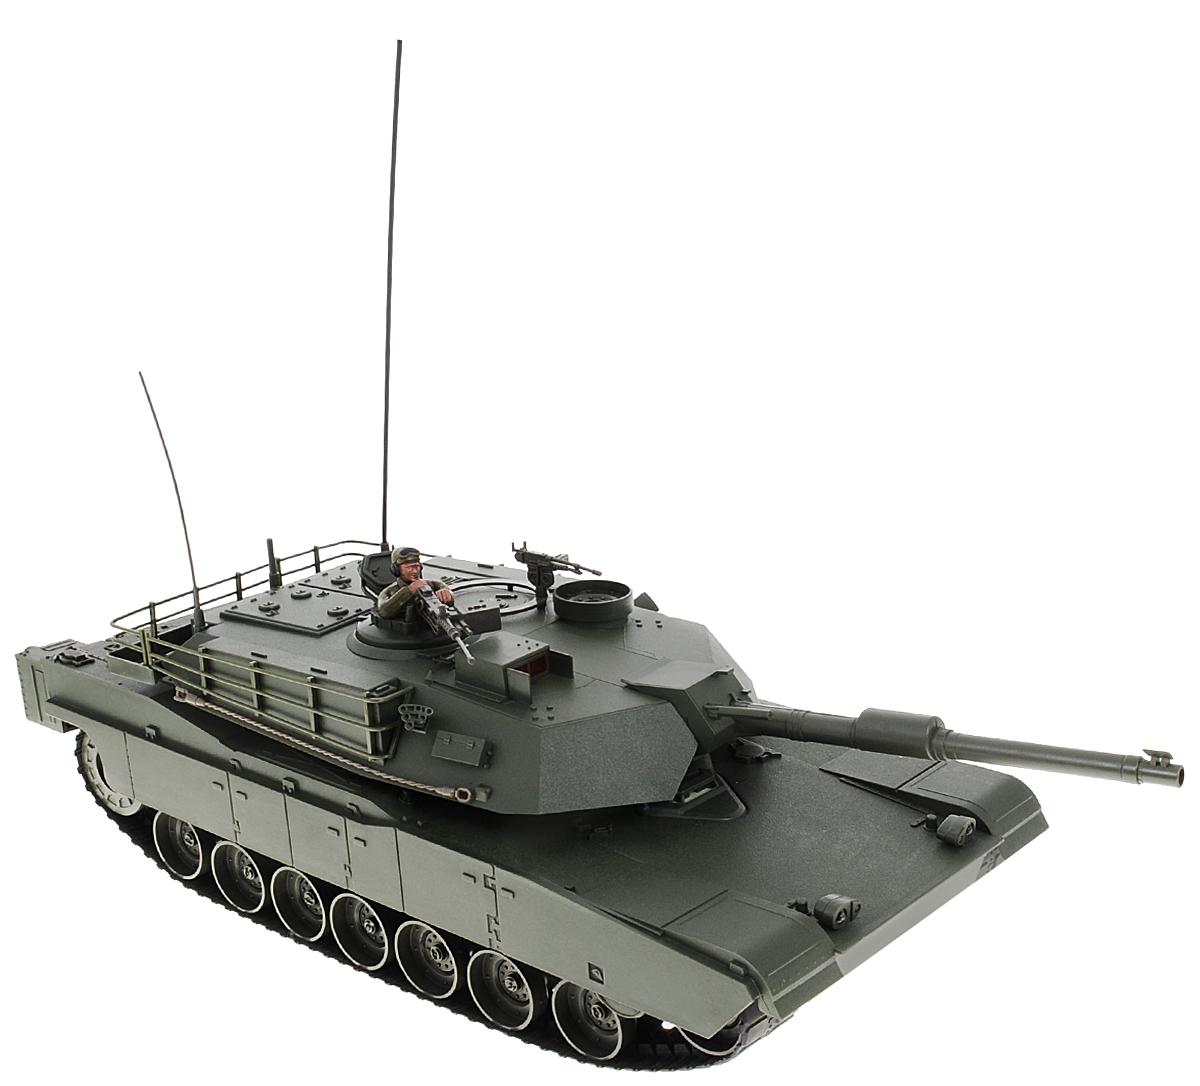 Властелин небес Танк на радиоуправлении М1А1 Abrams цвет зеленыйT0811Попробовать себя в качестве танкиста настоящего танка и запросто погонять во дворе в свое удовольствие - мечта любого мальчишки, осуществить которую поможет радиоуправляемый танк Властелин небес М1А1 Abrams. Представленная модель в 16 раз меньше настоящего аналога, причем все компоненты боевой машины, начиная от камуфляжной раскраски и заканчивая диапазоном движения, сымитированы весьма реалистично. Гусеничный танк может ехать во всех направлениях, башня вращается, а дуло поднимается вверх и вниз. Во время движения боевая машина преодолевает подъемы с наклоном до 35°. Игровой процесс сопровождается реалистичными звуковыми эффектами. Пульт управления работает на частоте 26.995 MHz. Для работы игрушки необходимы 6 батареек типа АА (не входят в комплект). Для работы пульта управления необходима 1 батарейка 9V типа Крона (не входит в комплект).